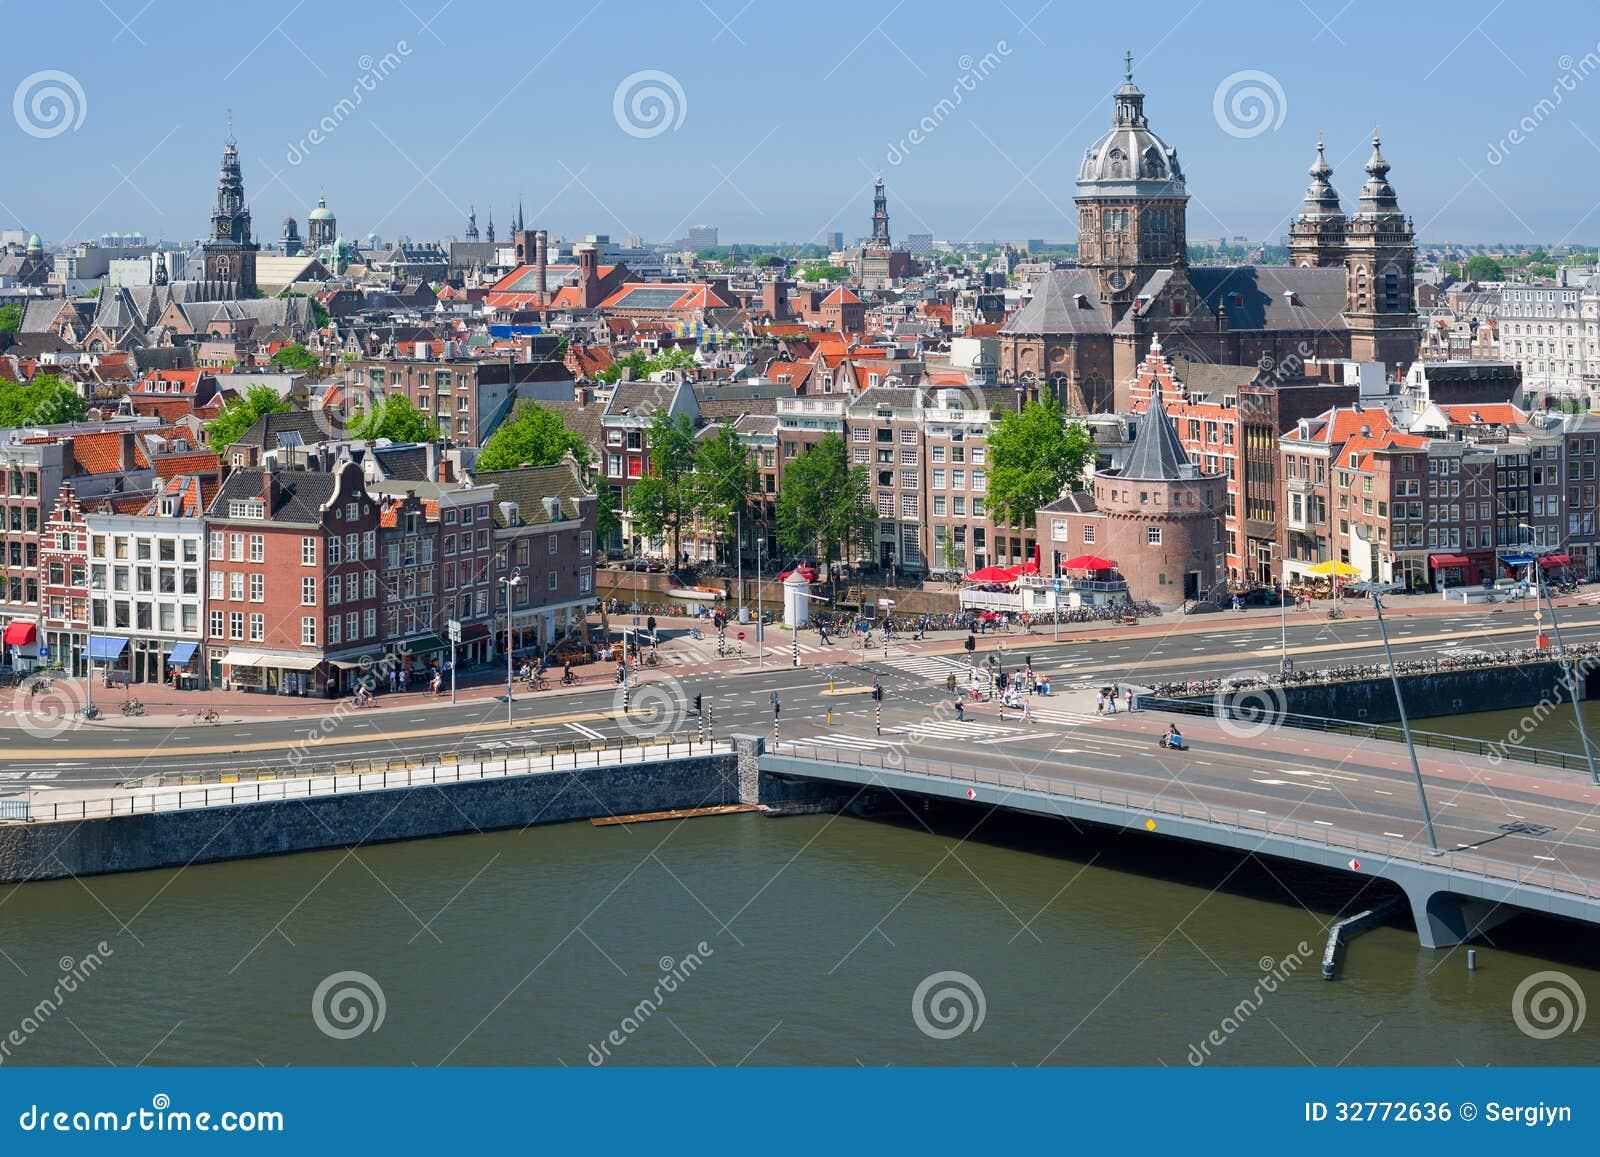 Monumenti storici nel centro di amsterdam fotografia stock for Centro di amsterdam